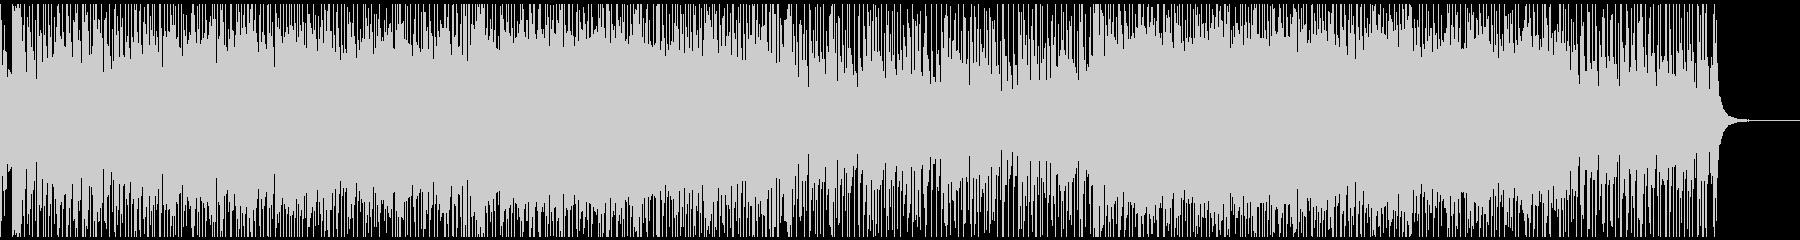 津軽三味線メインの6/8の和風ロックの未再生の波形